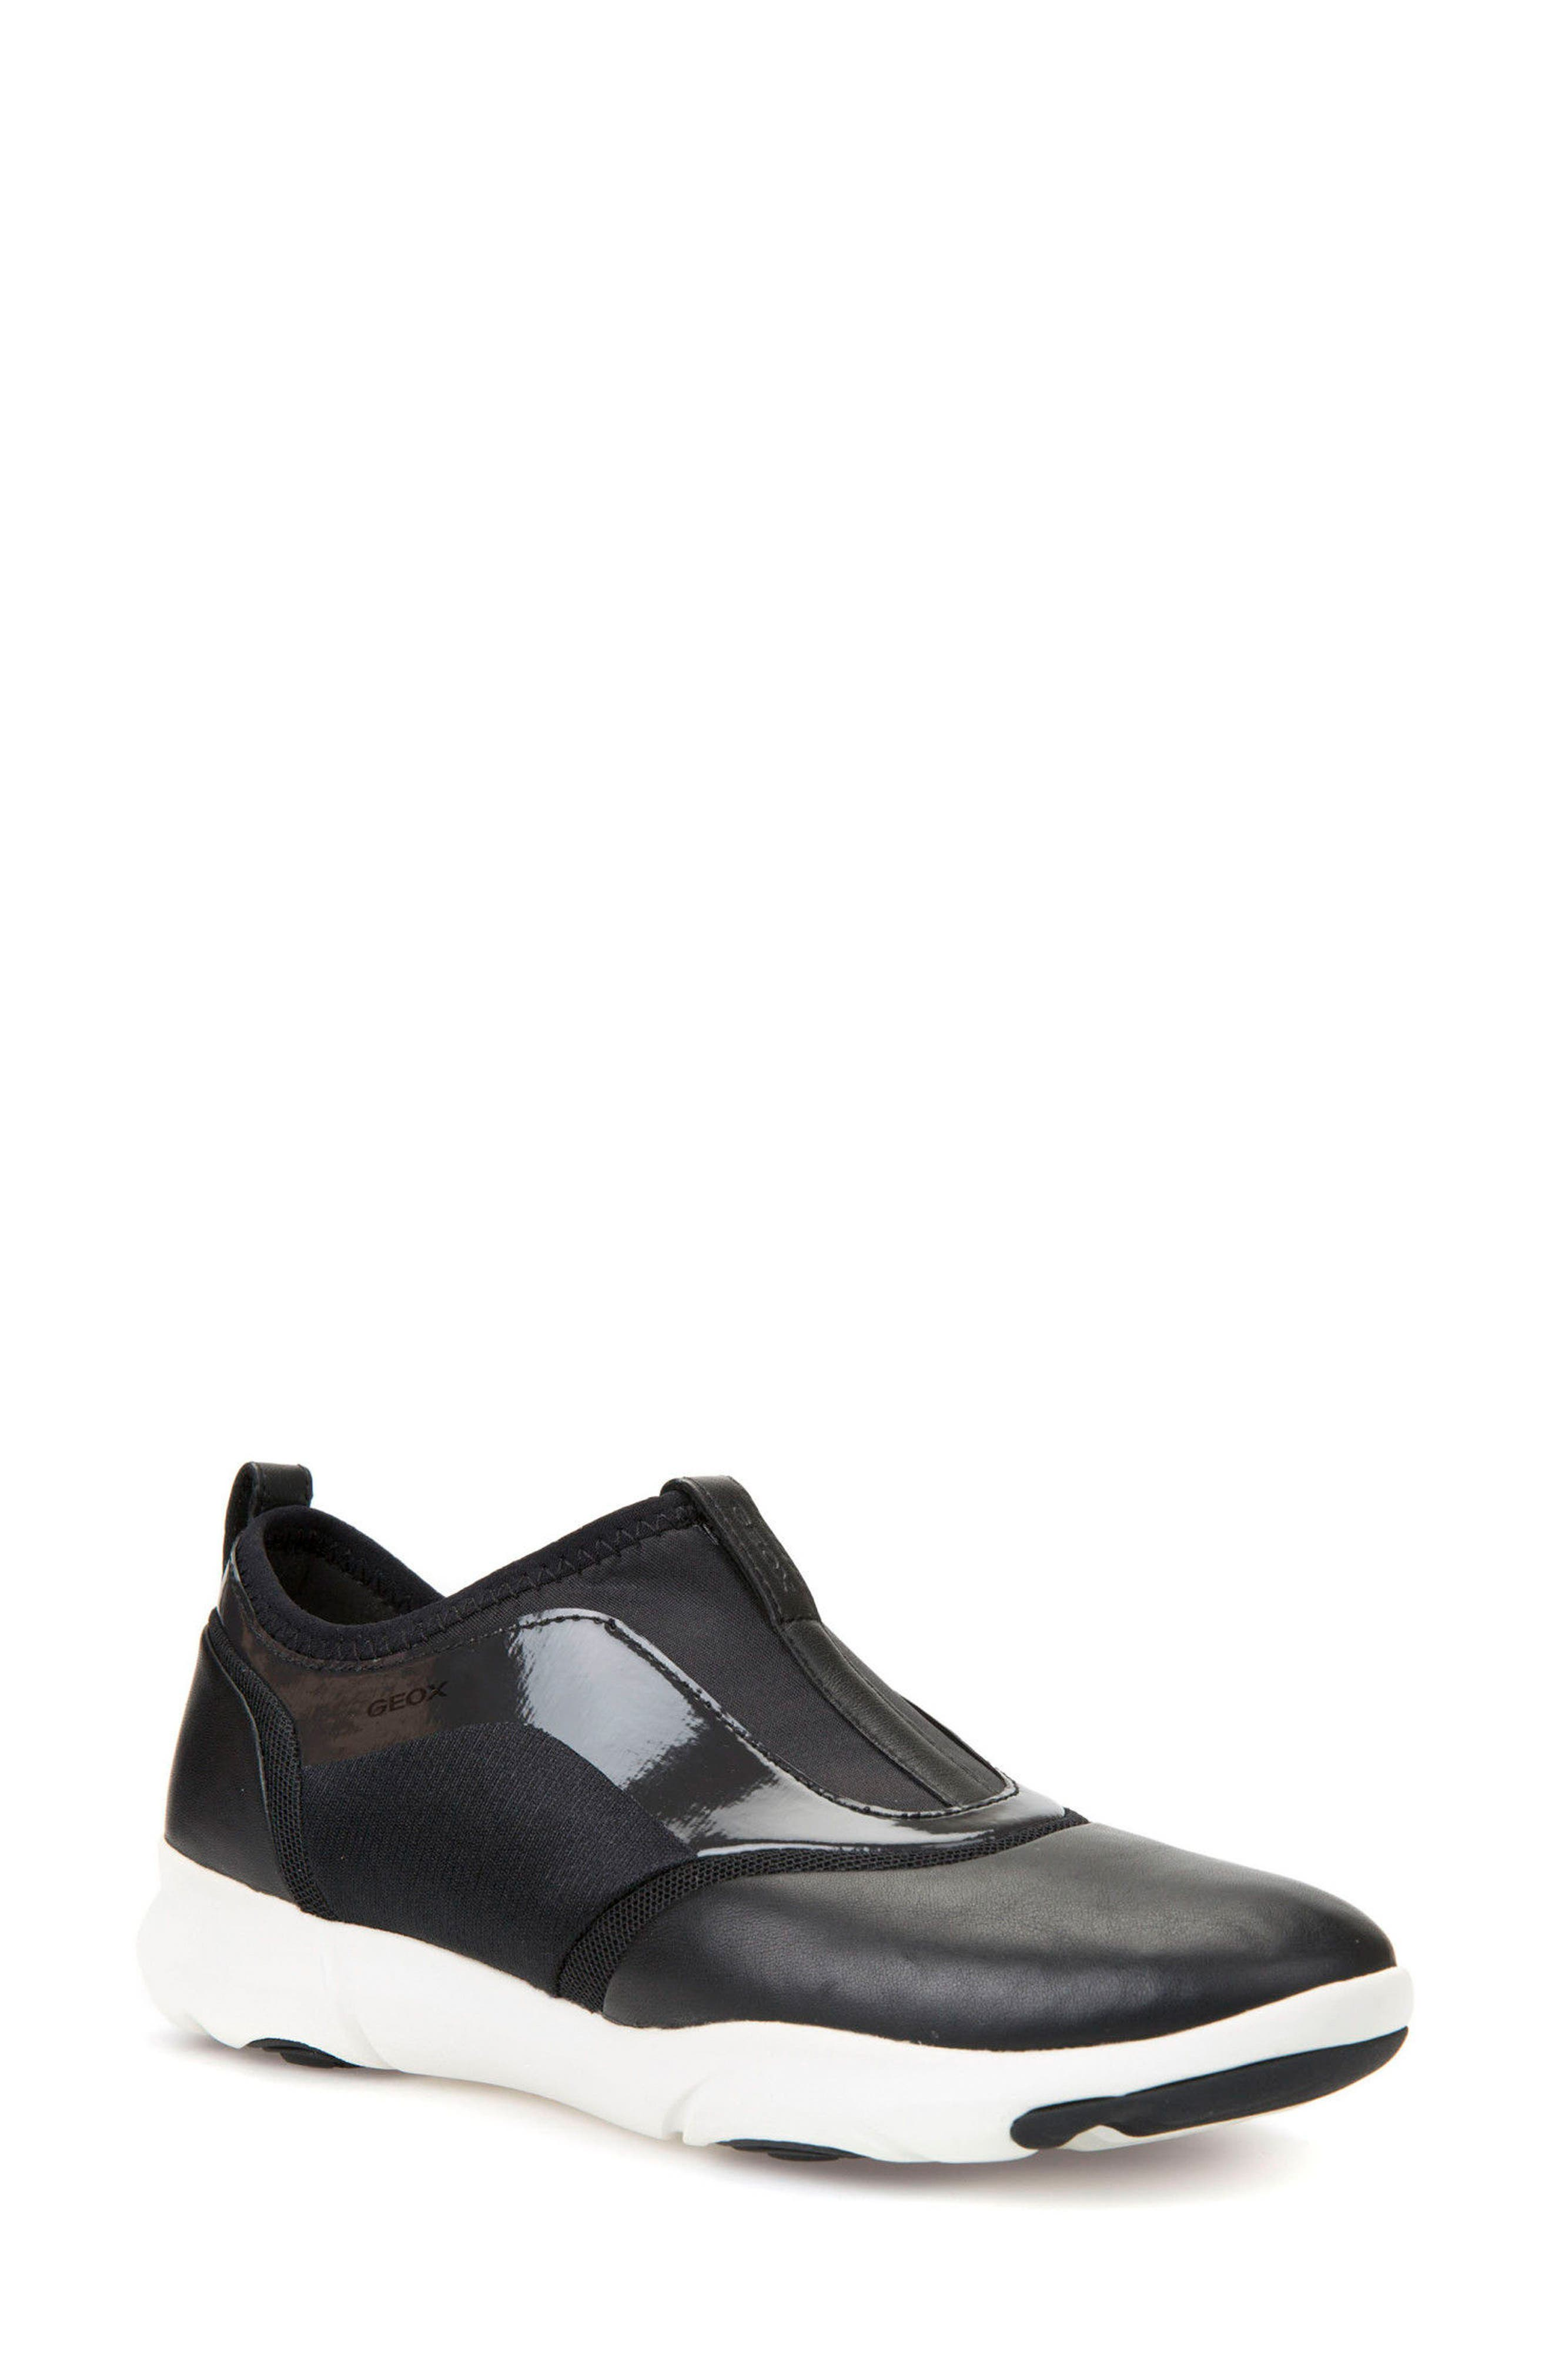 Nebula S Slip-On Sneaker,                         Main,                         color, 001